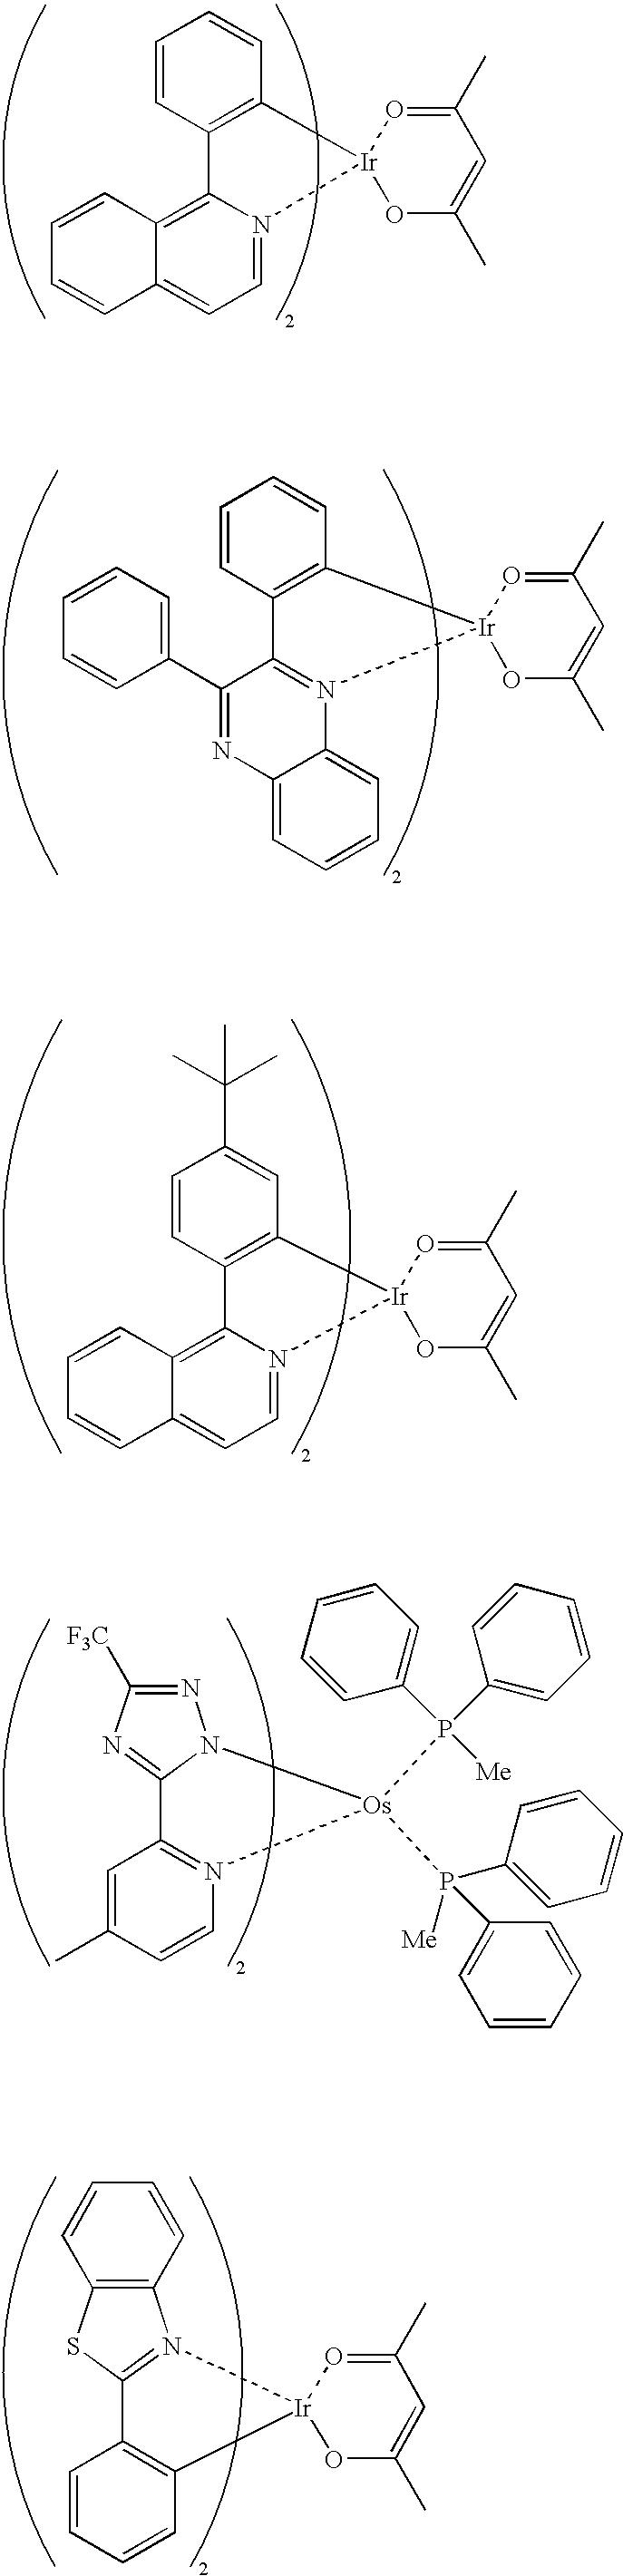 Figure US08154195-20120410-C00020